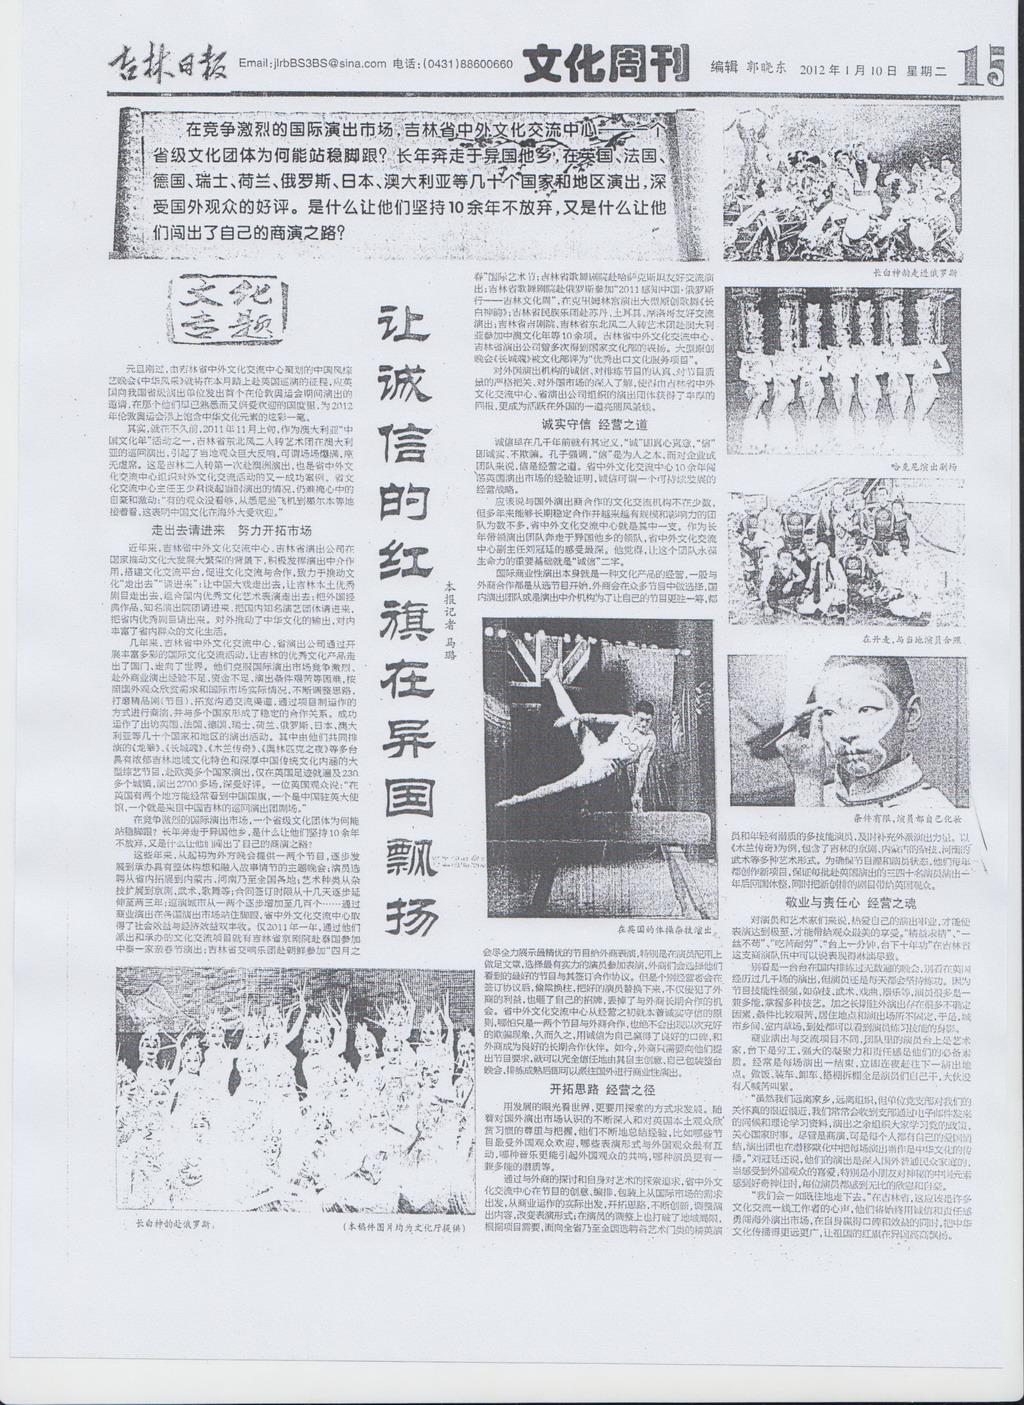 媒体报道剪报_5